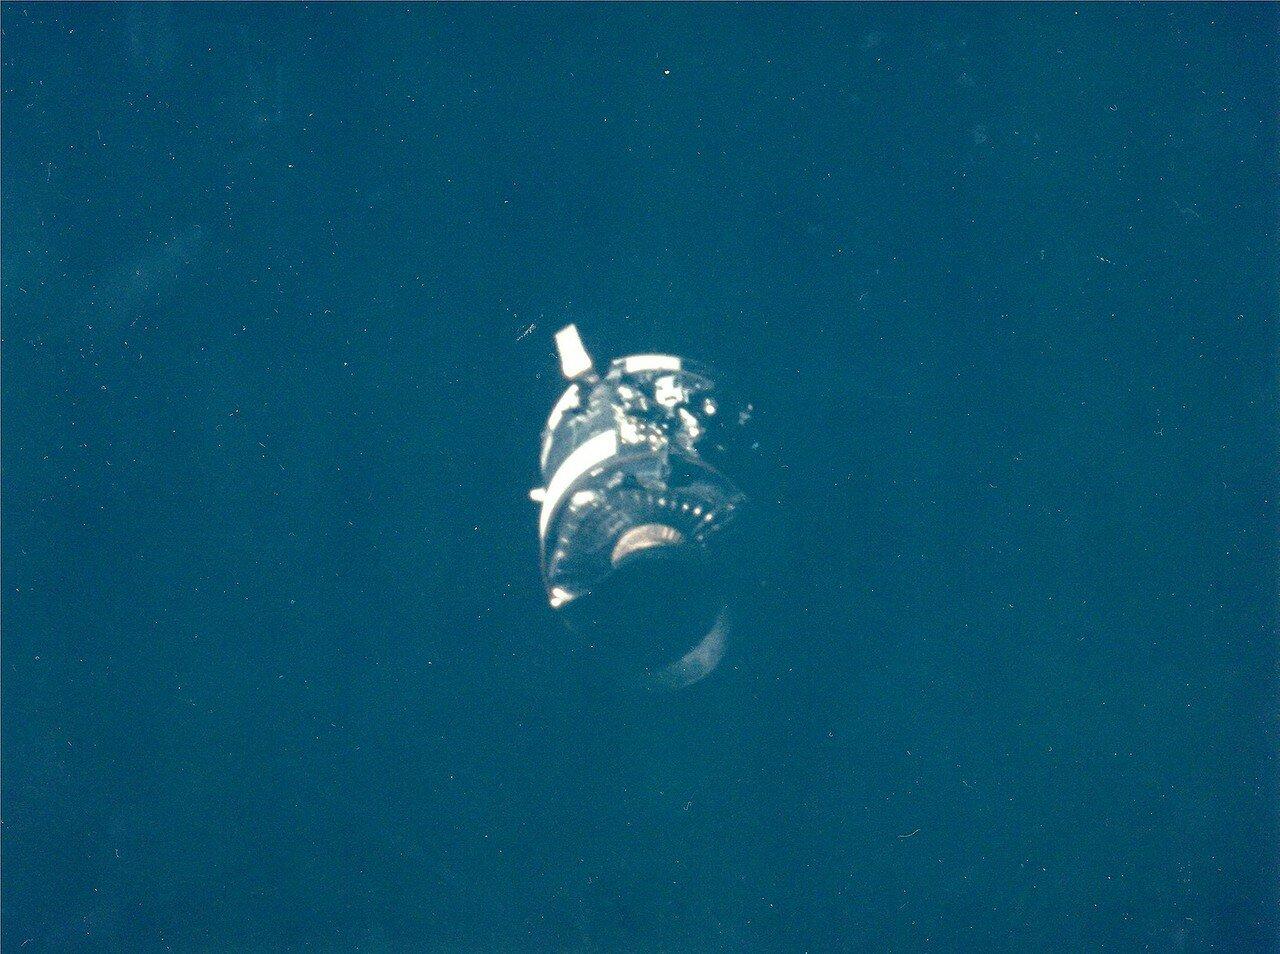 Командный модуль «Одиссей» корабля «Аполлон-13» был обесточен. В нём остался только Джон Суайгерт.На снимке: Поврежденный модуль